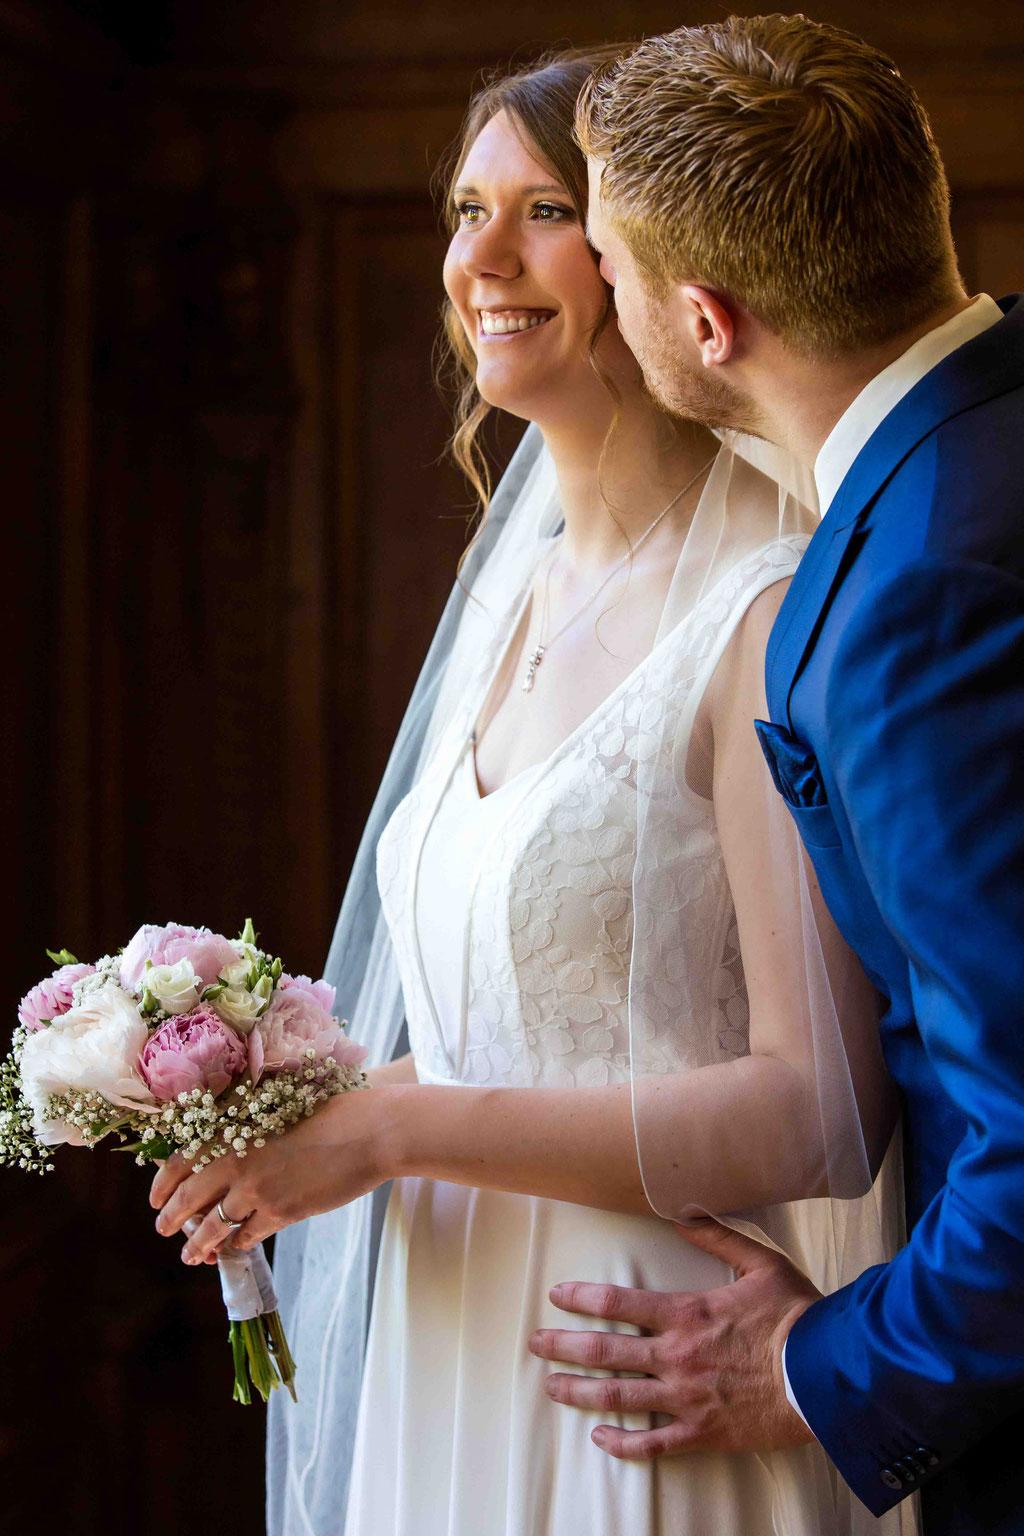 Ehepaar Foto, Hochzeitspaar Bilder, Paar Bilder an der Hochzeit, Kuss vom Bräutigam